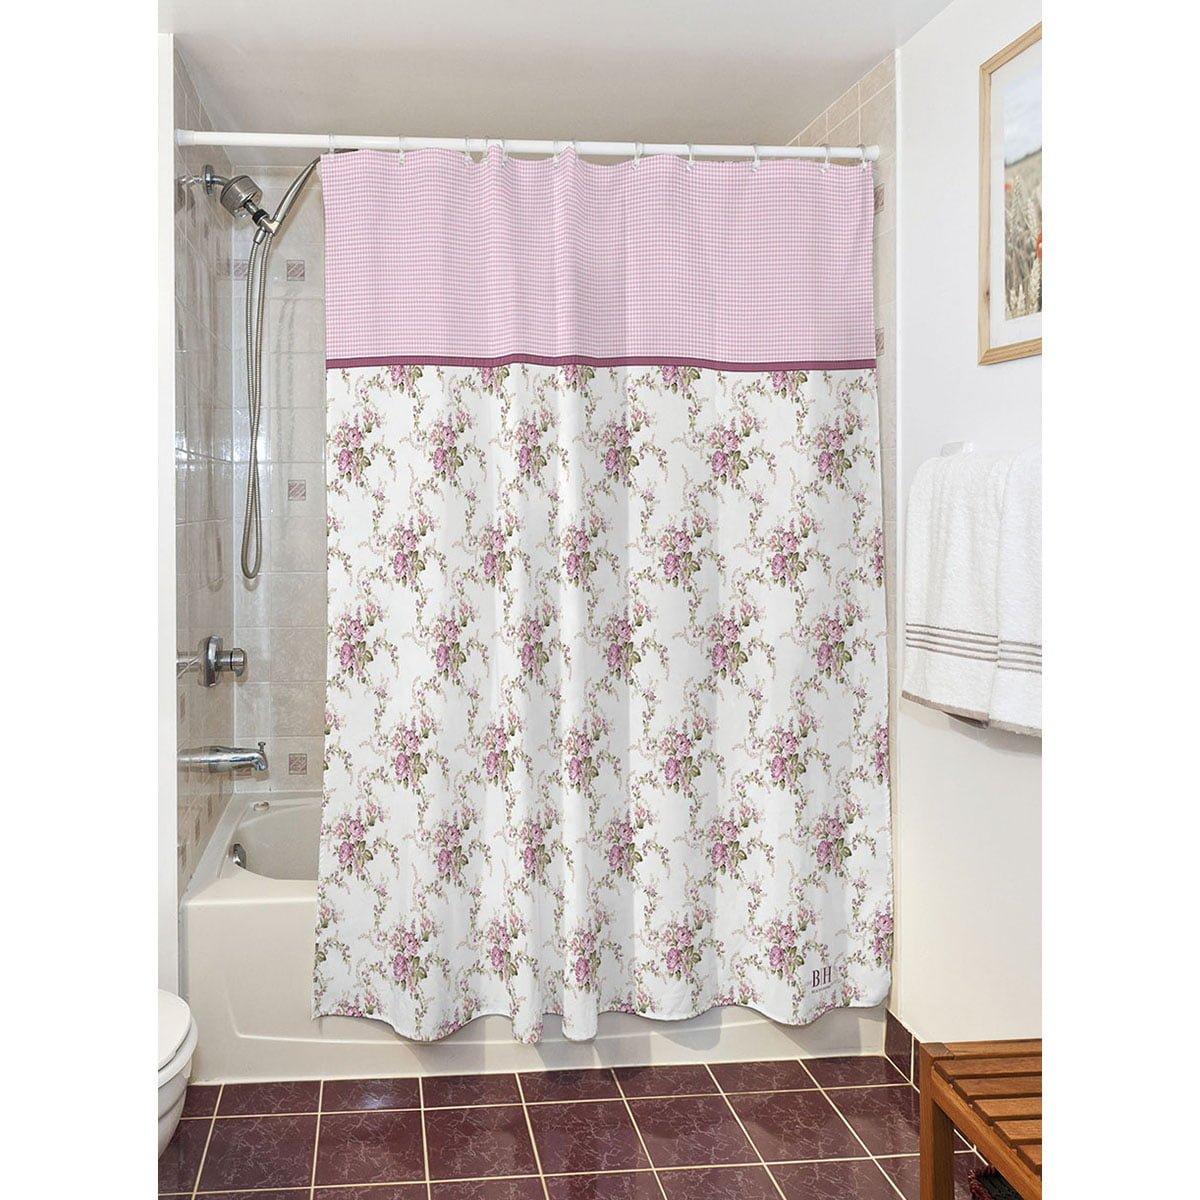 Κουρτίνα μπάνιου Bouquet Art 3240  190x180  Μωβ Beauty Home